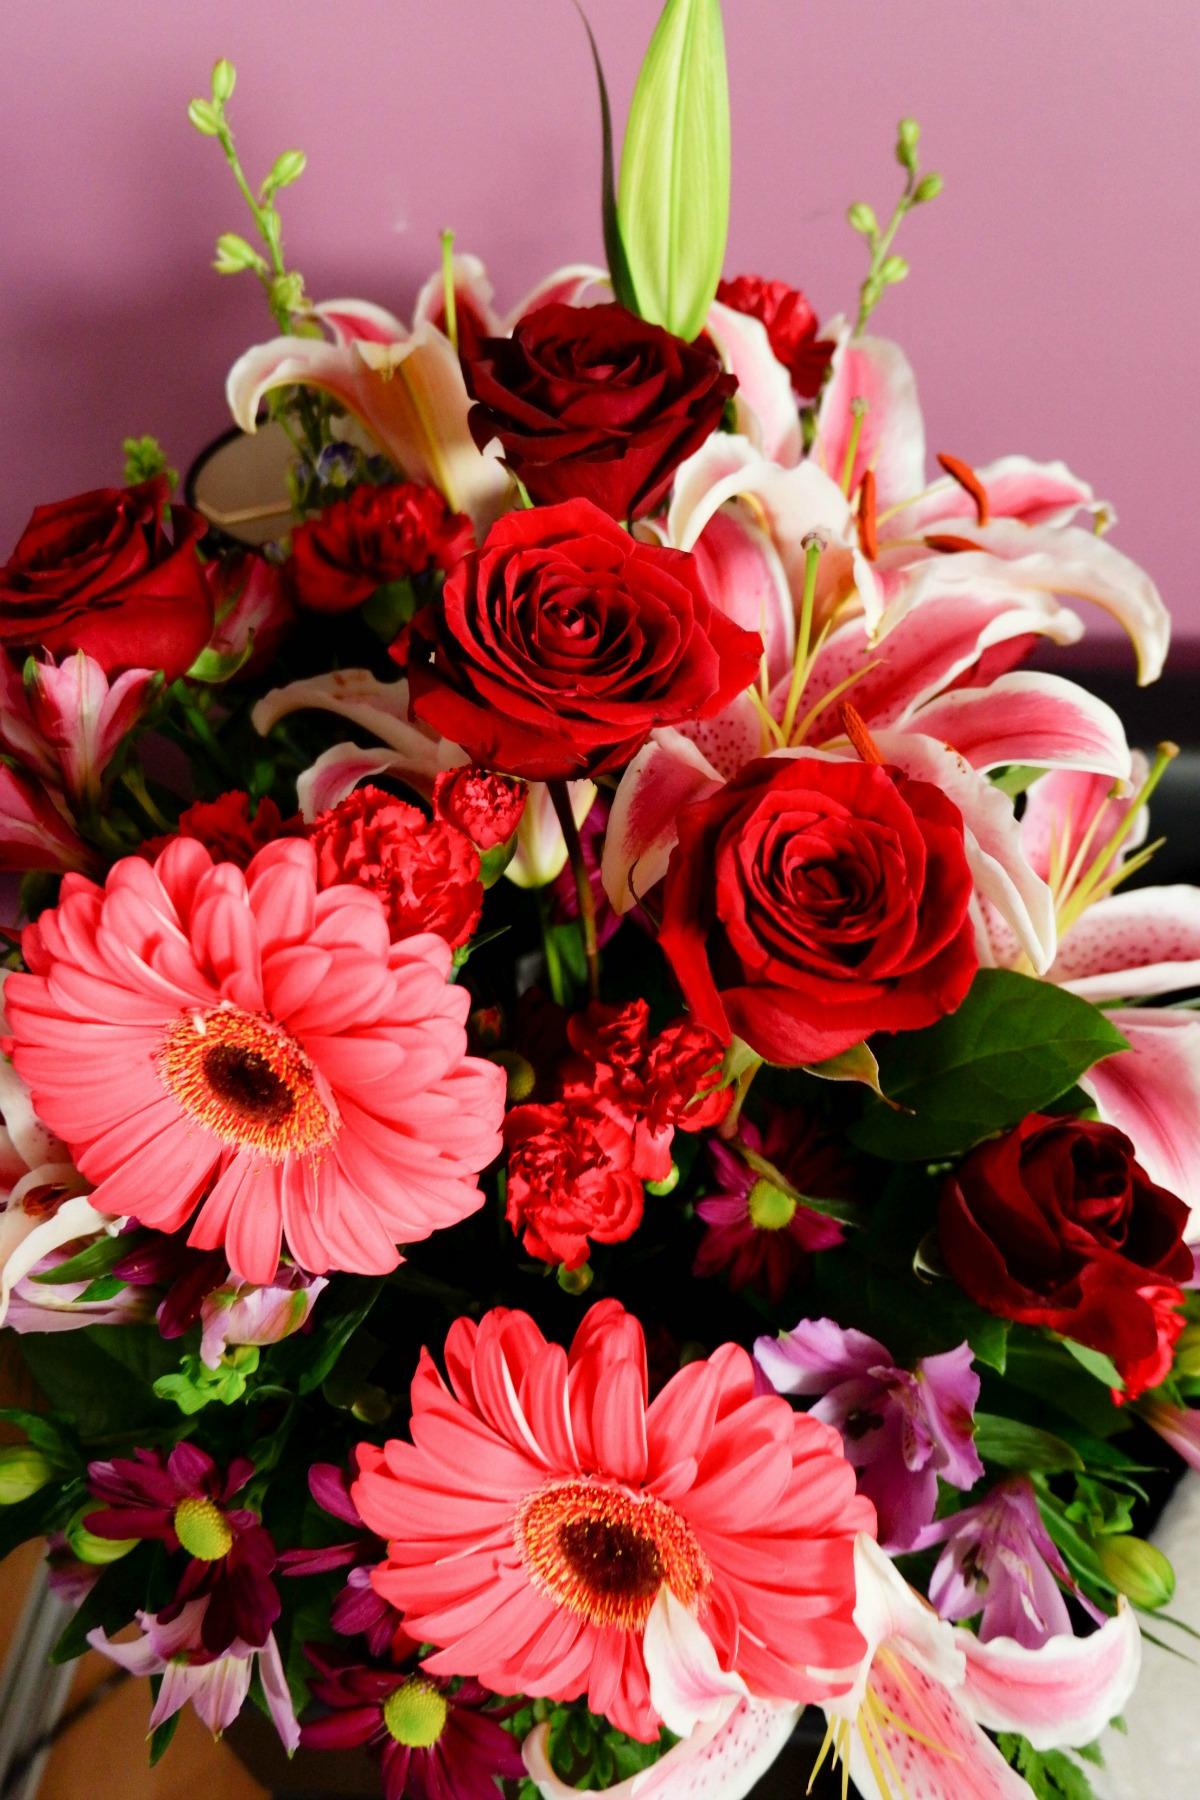 Valentine's flowers - bouquet